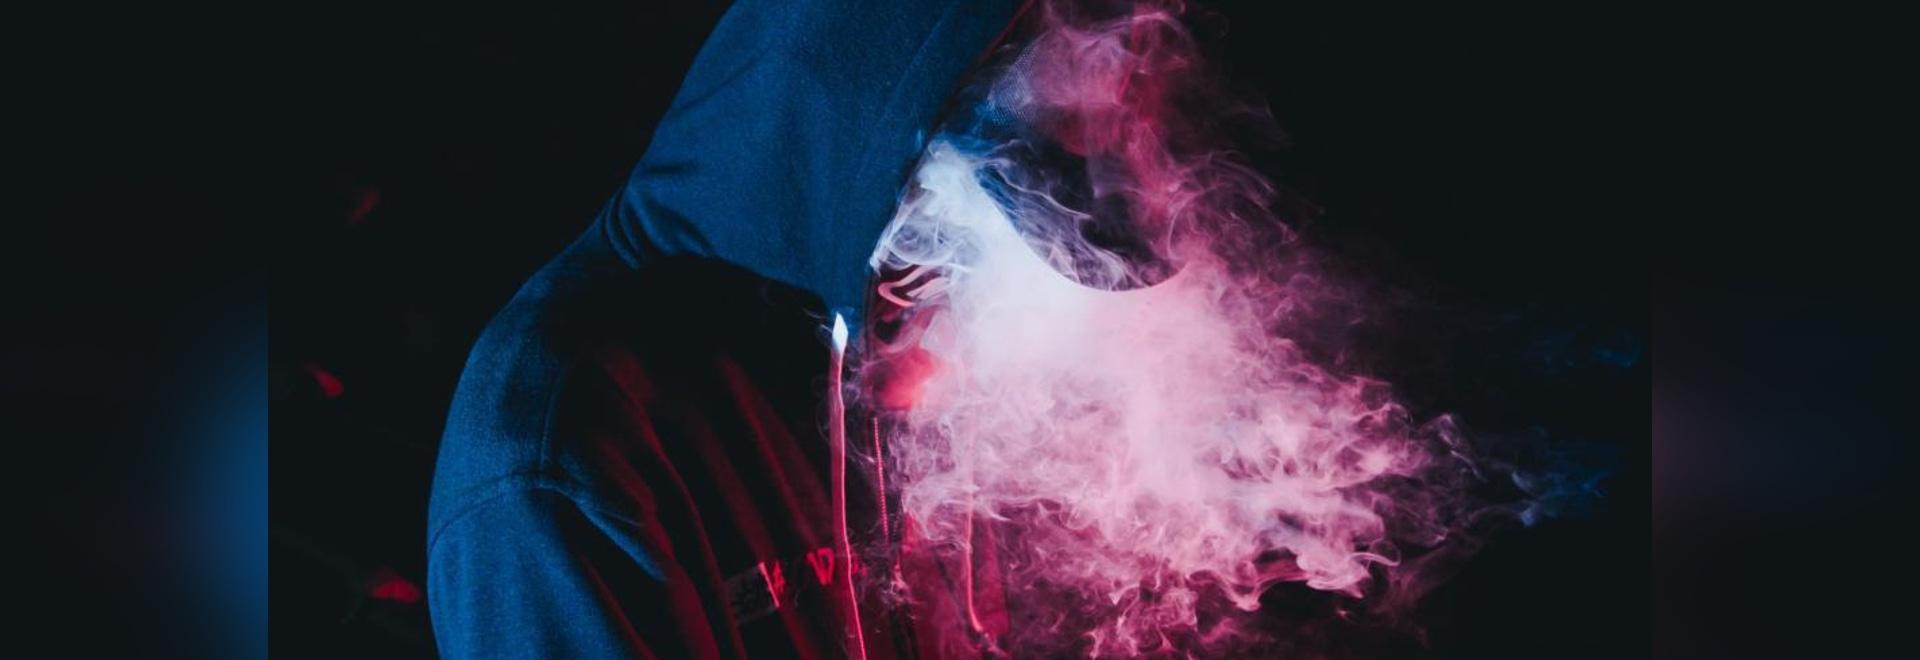 Il marketing delle e-sigarette associato alla successiva sperimentazione tra i giovani